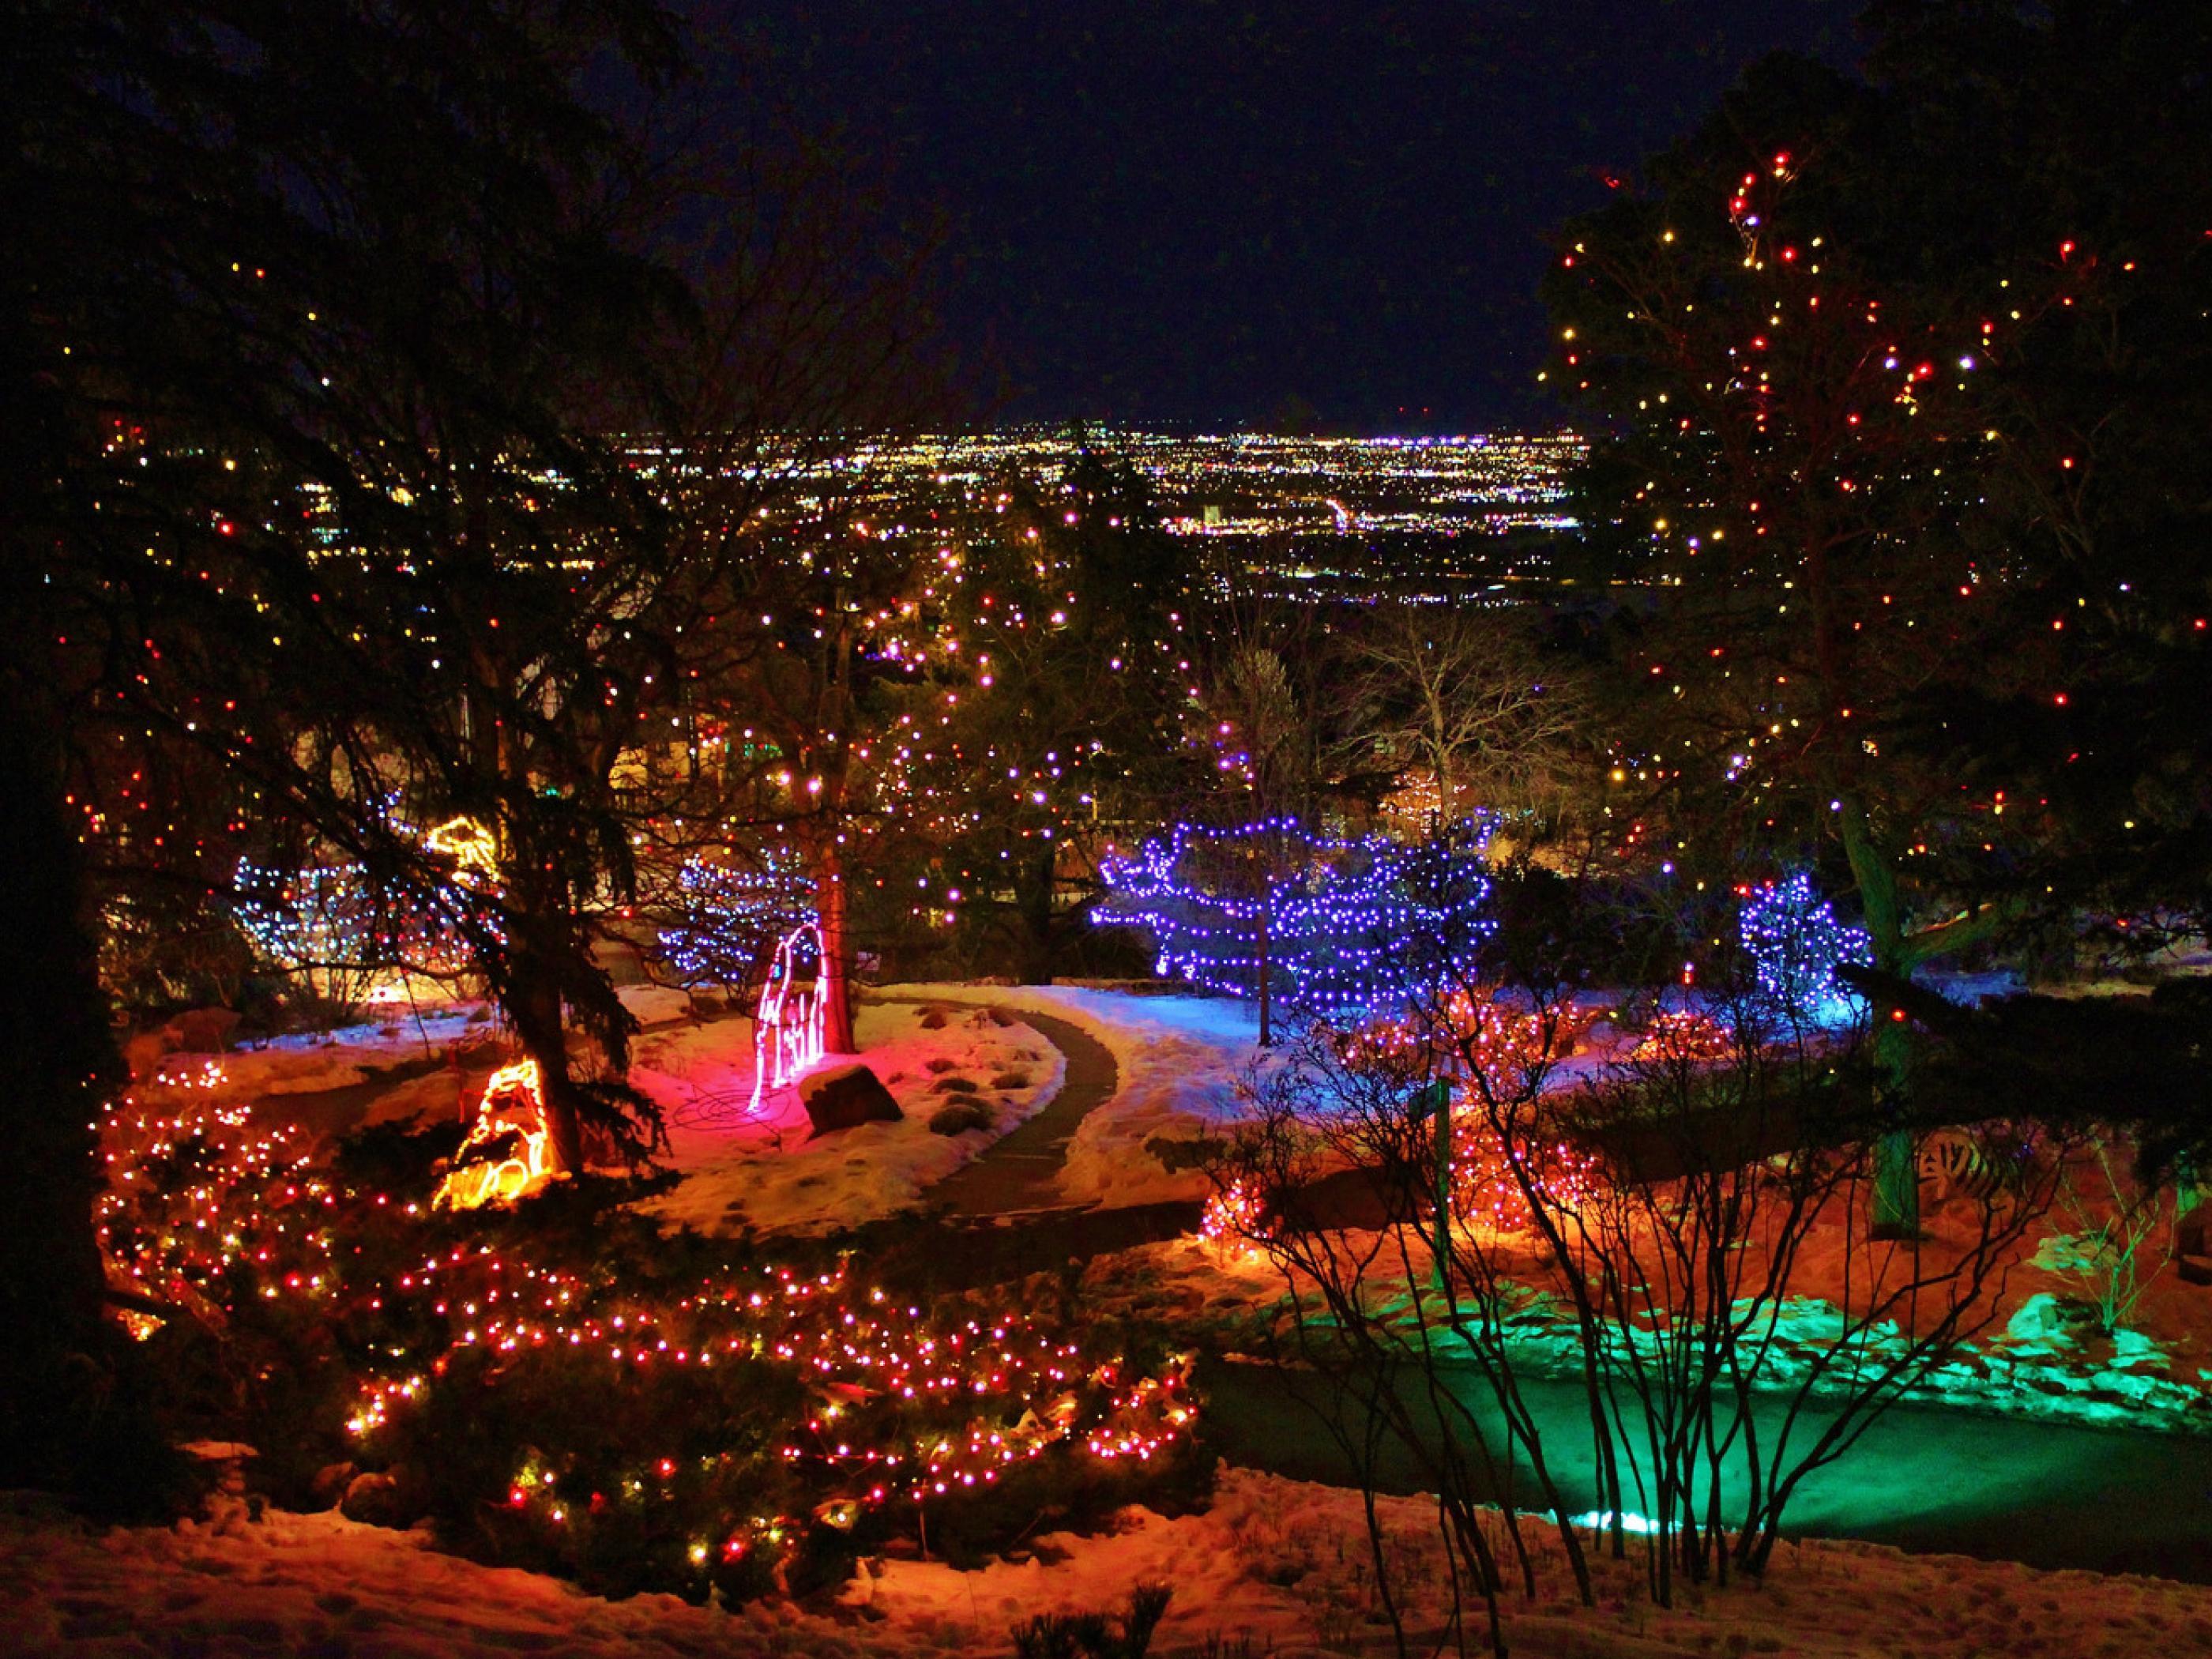 Colorado Springs, Colorado: Home of Pikes Peak and Garden of